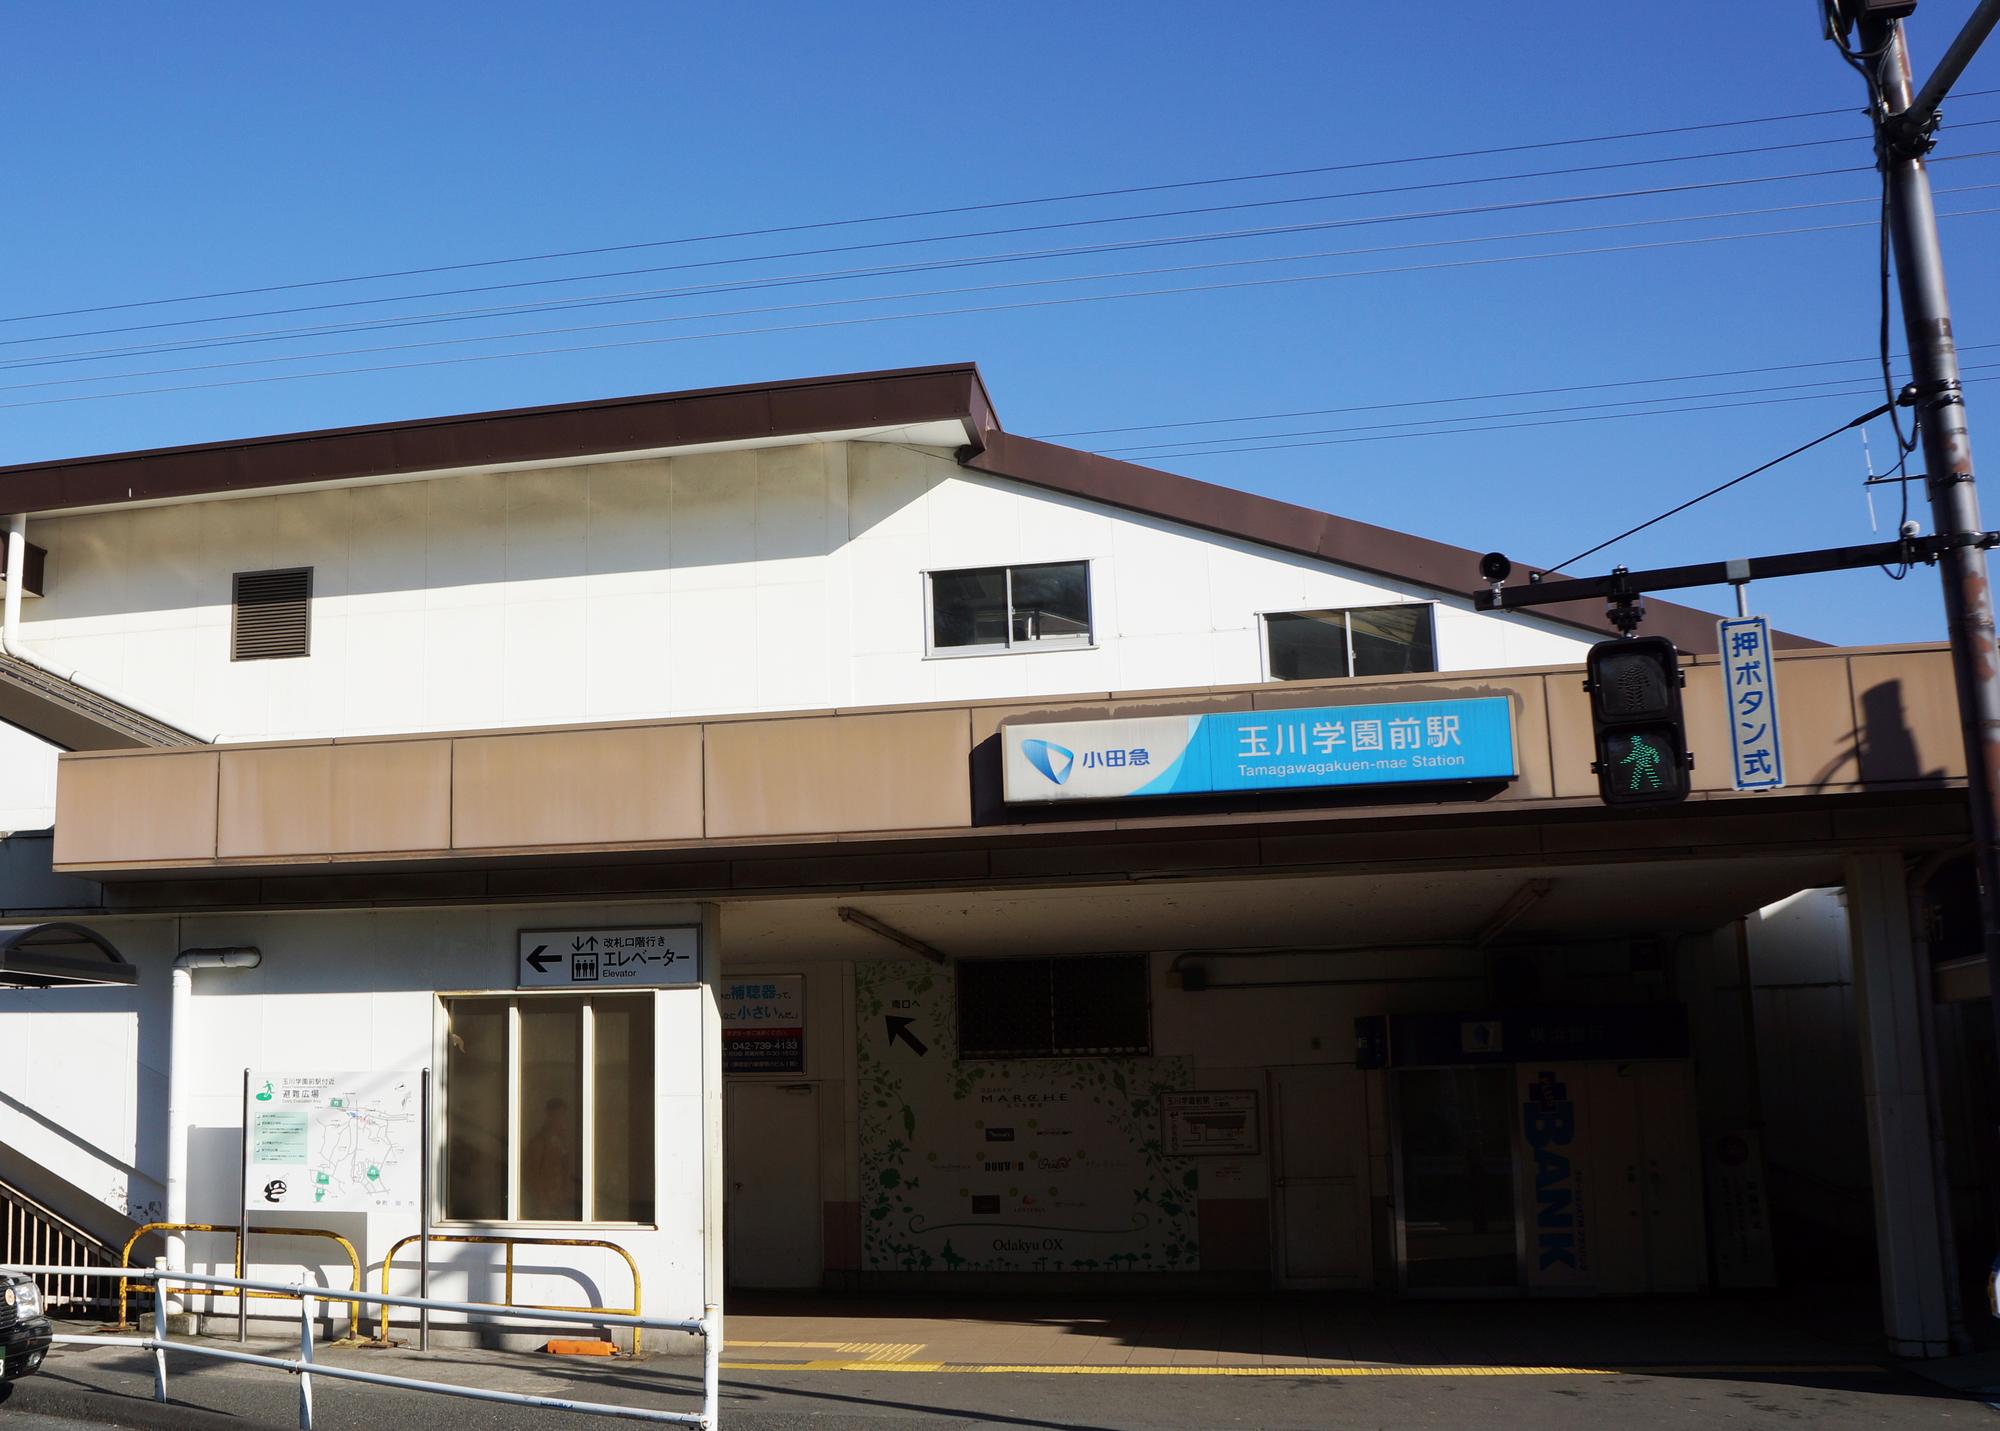 日曜に通院したい方へ!玉川学園前駅の歯医者さん、おすすめポイント紹介